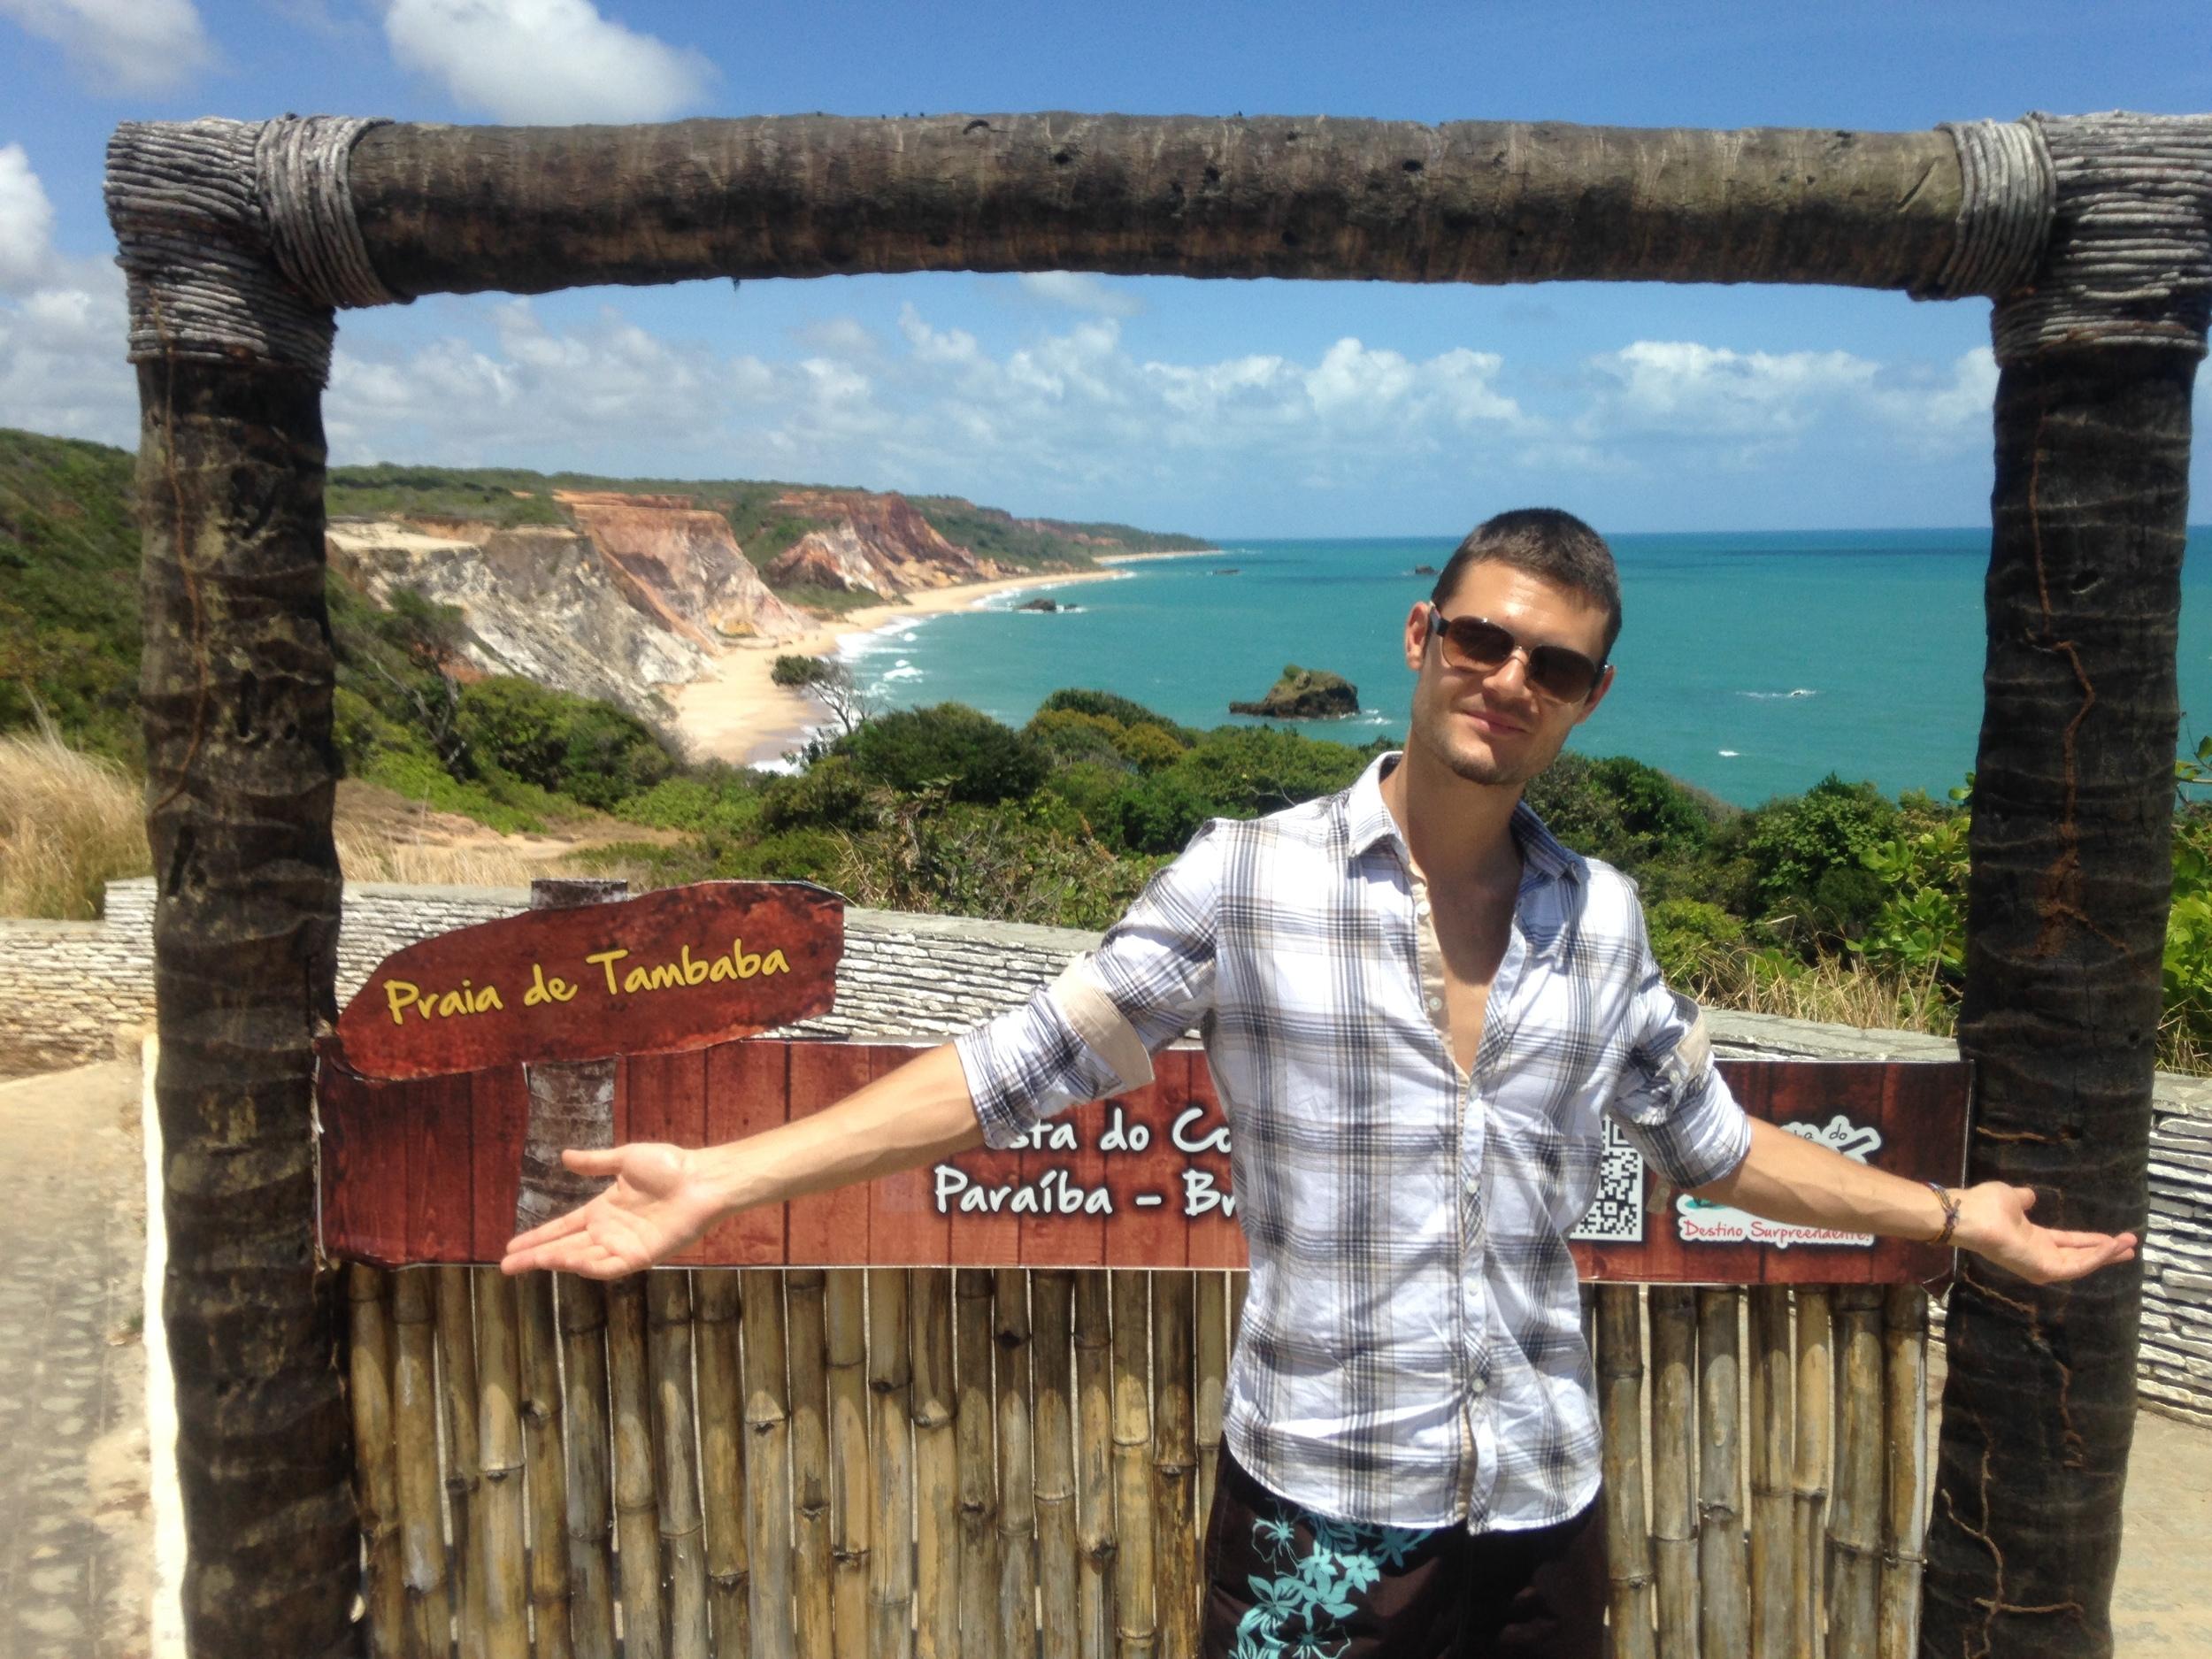 Nordeste Brasil - Praia de Tambaba